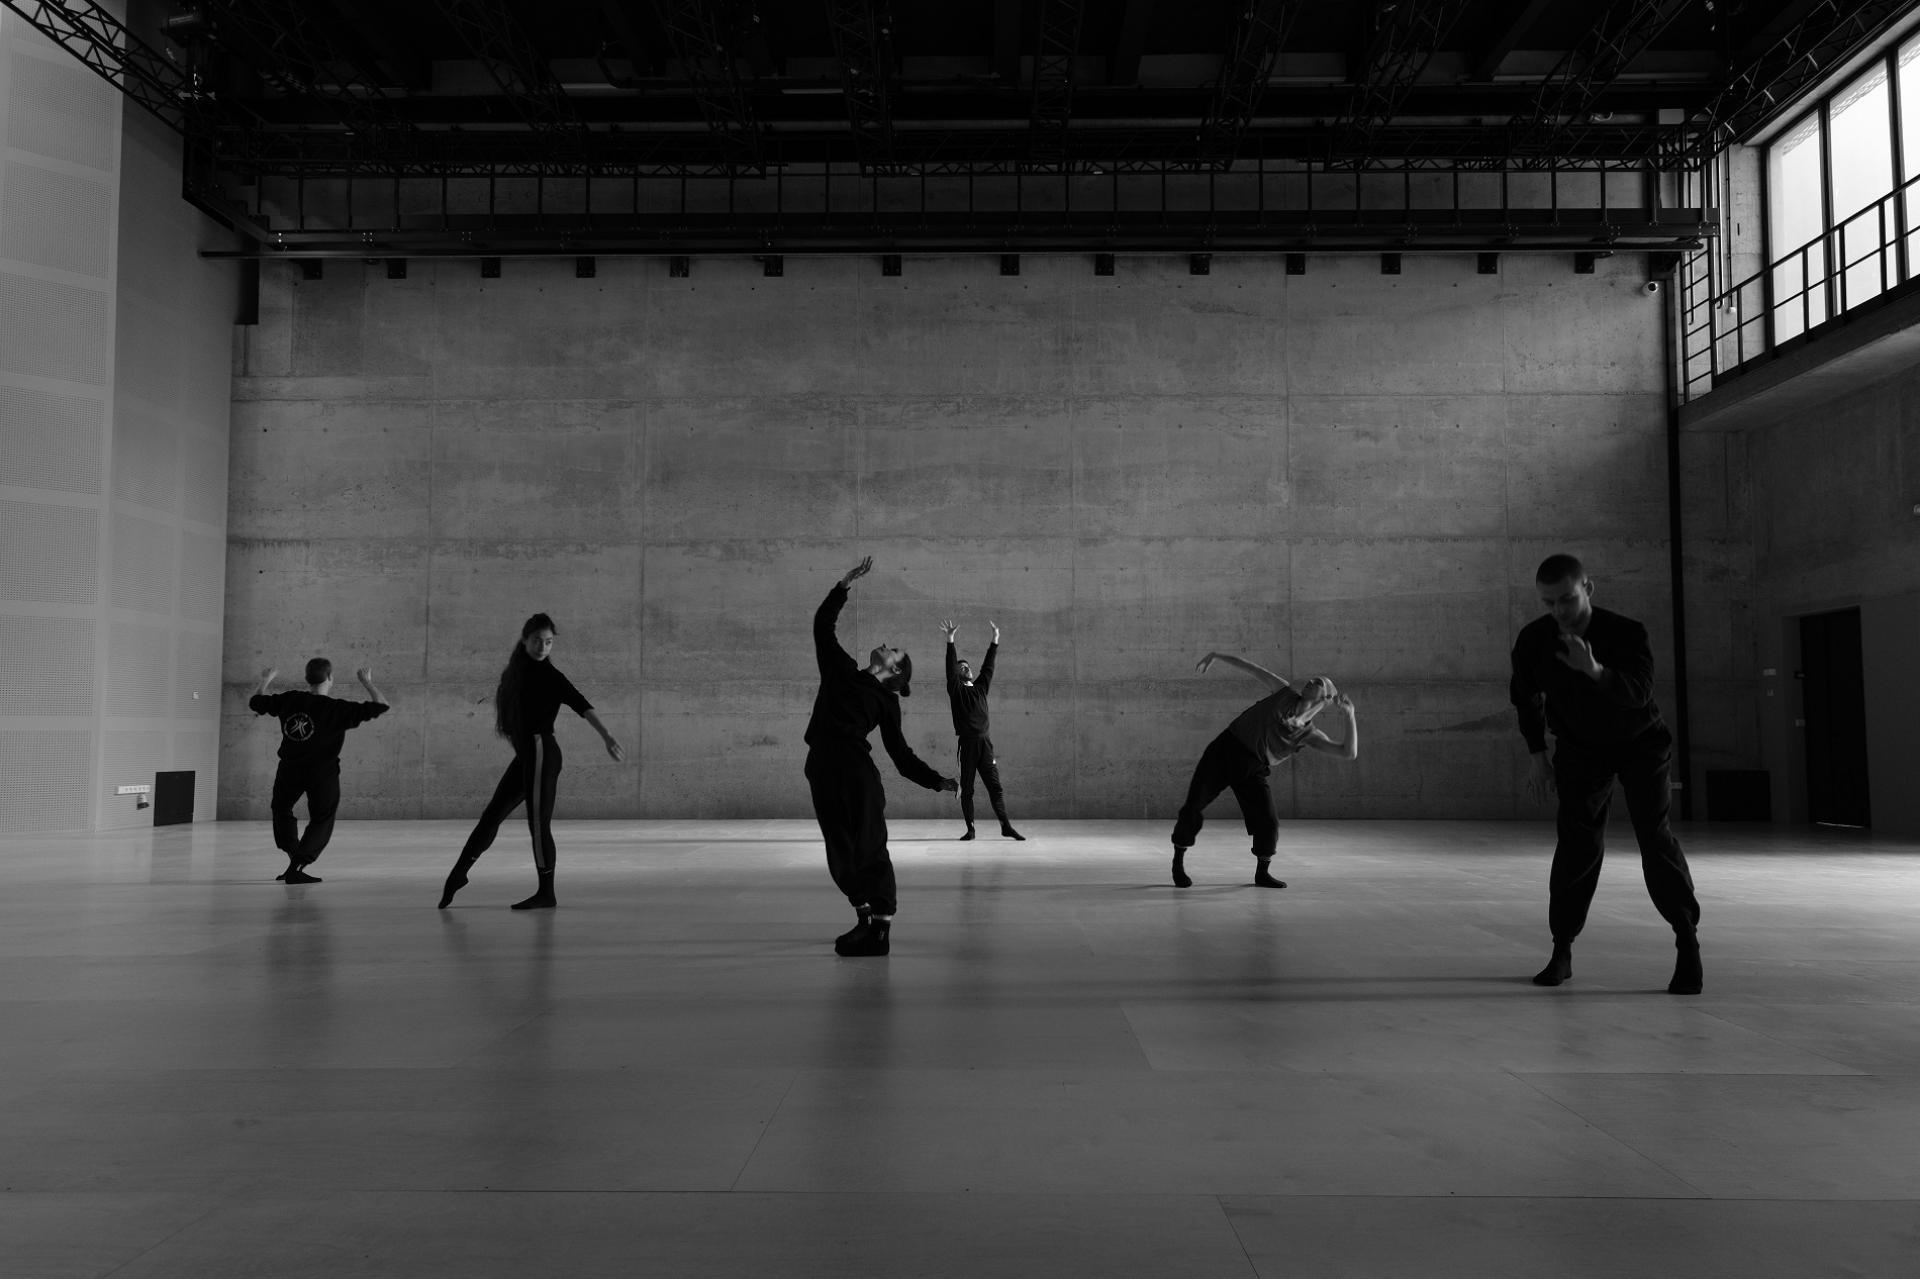 Polski Teatr Tańca zyskał swoje miejsce! - zobacz więcej